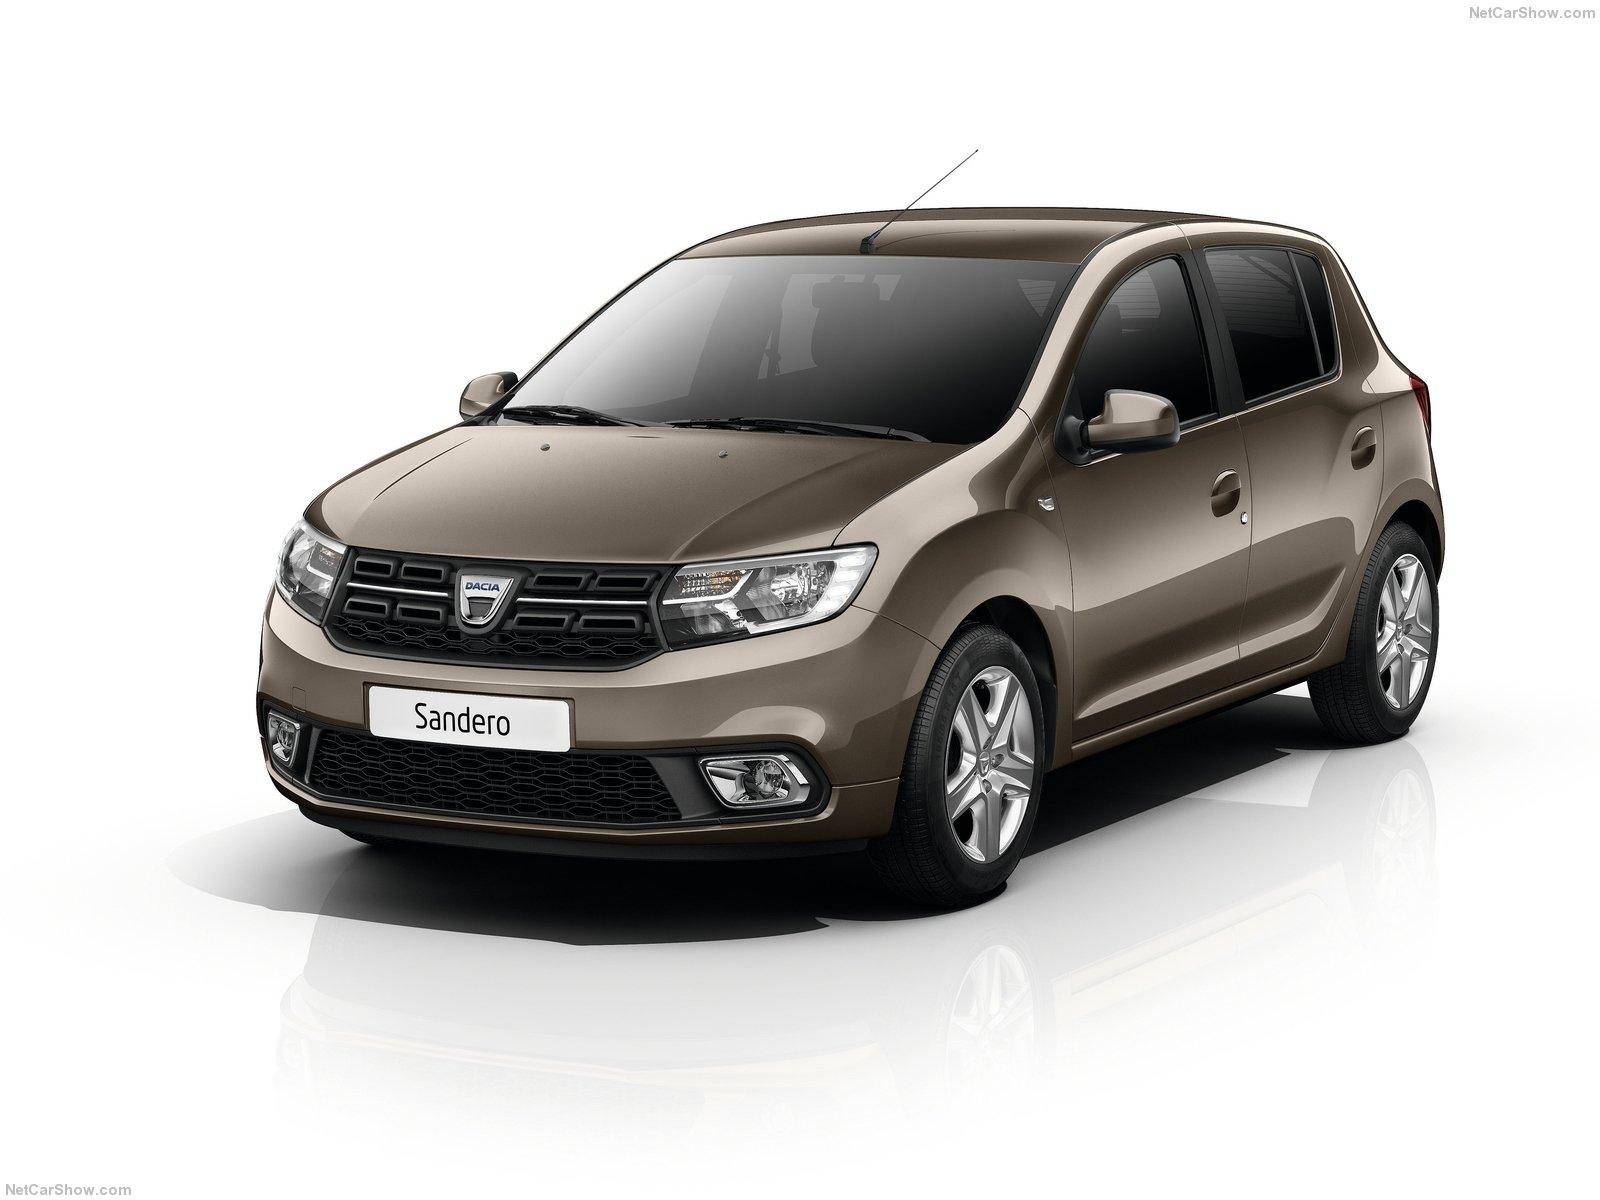 Dacia Sandero Berlina